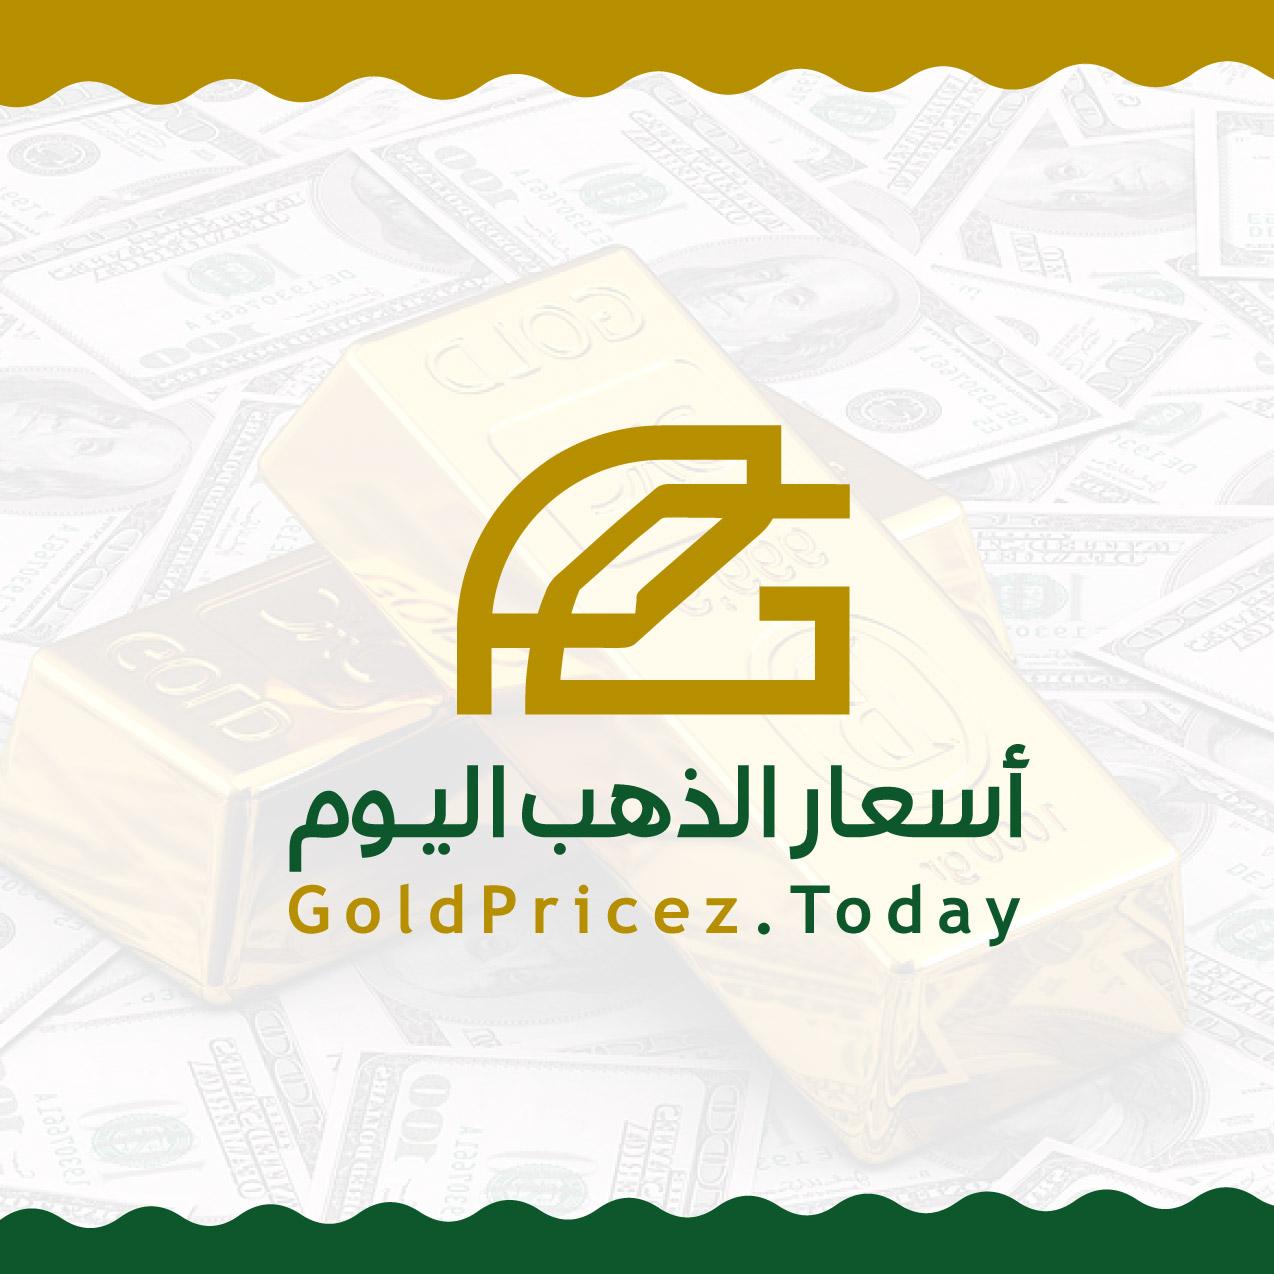 أعمال | شعار وتصاميم سوشيال ميديا لموقع أسعار الذهب اليوم